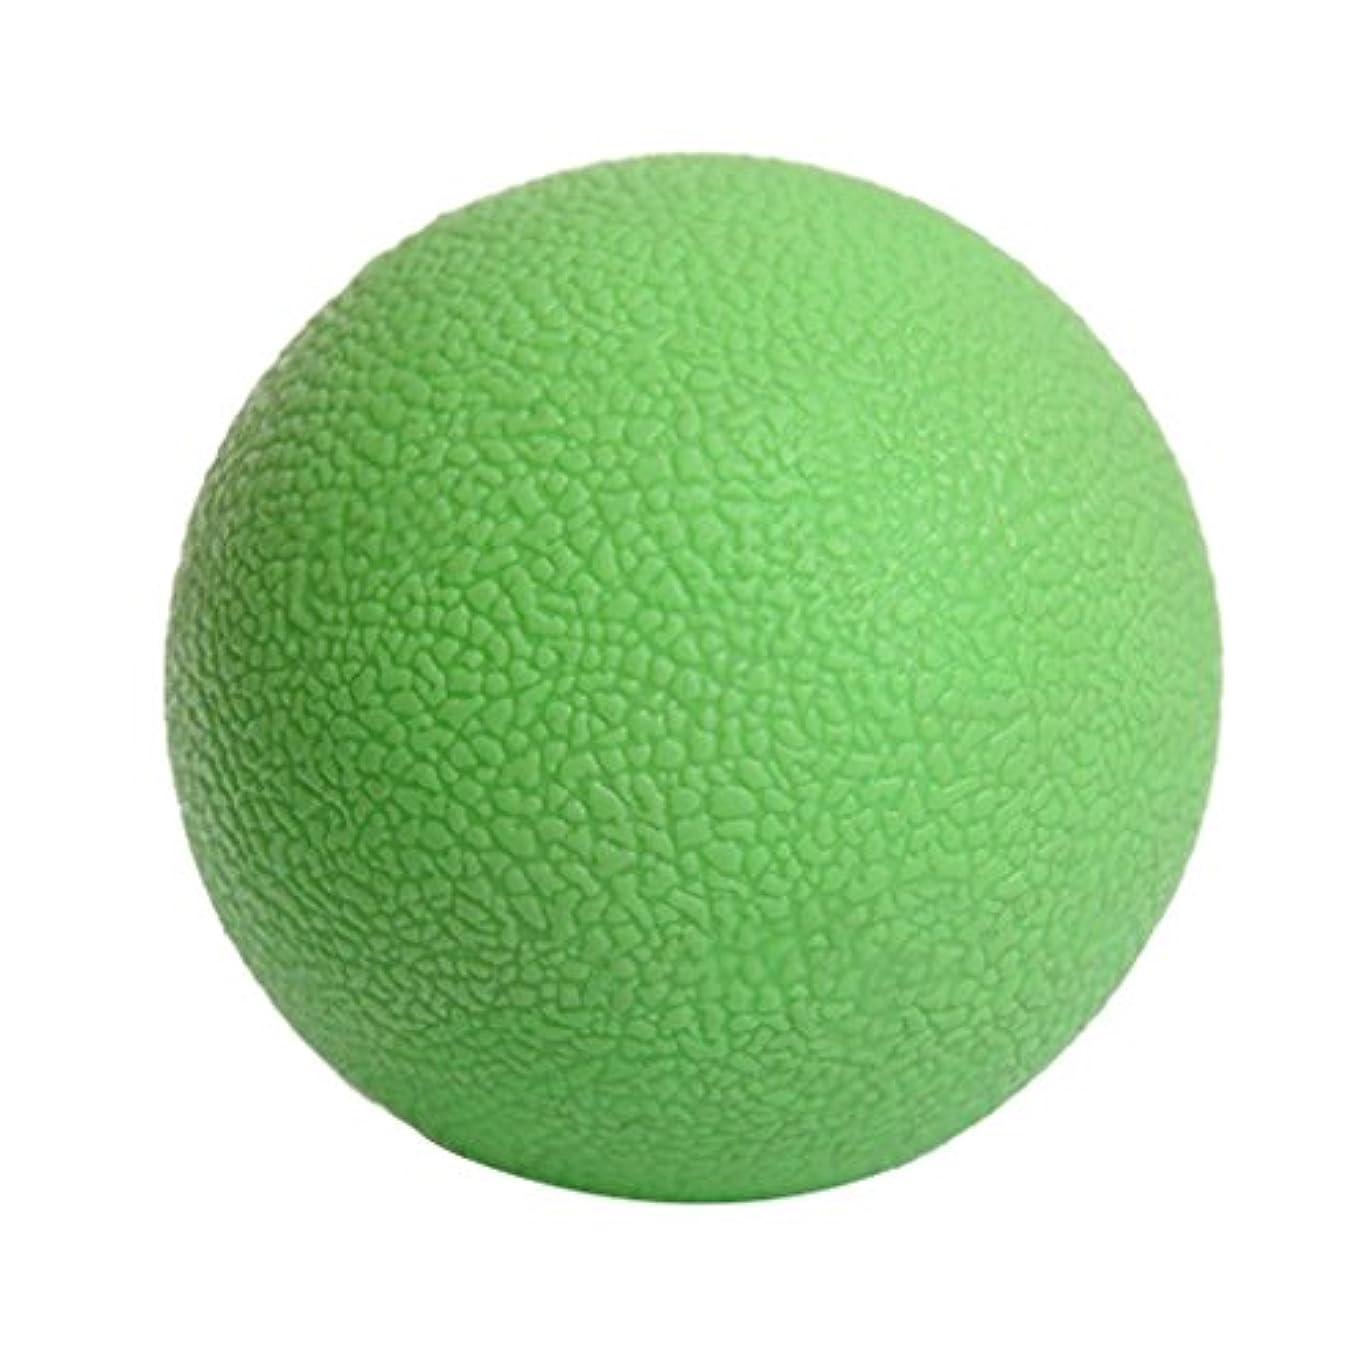 おいしい雑草興味Kesoto マッサージボール ジムフィットネス 筋肉マッサージ ボール トリガーポイント 4色選べる - 緑